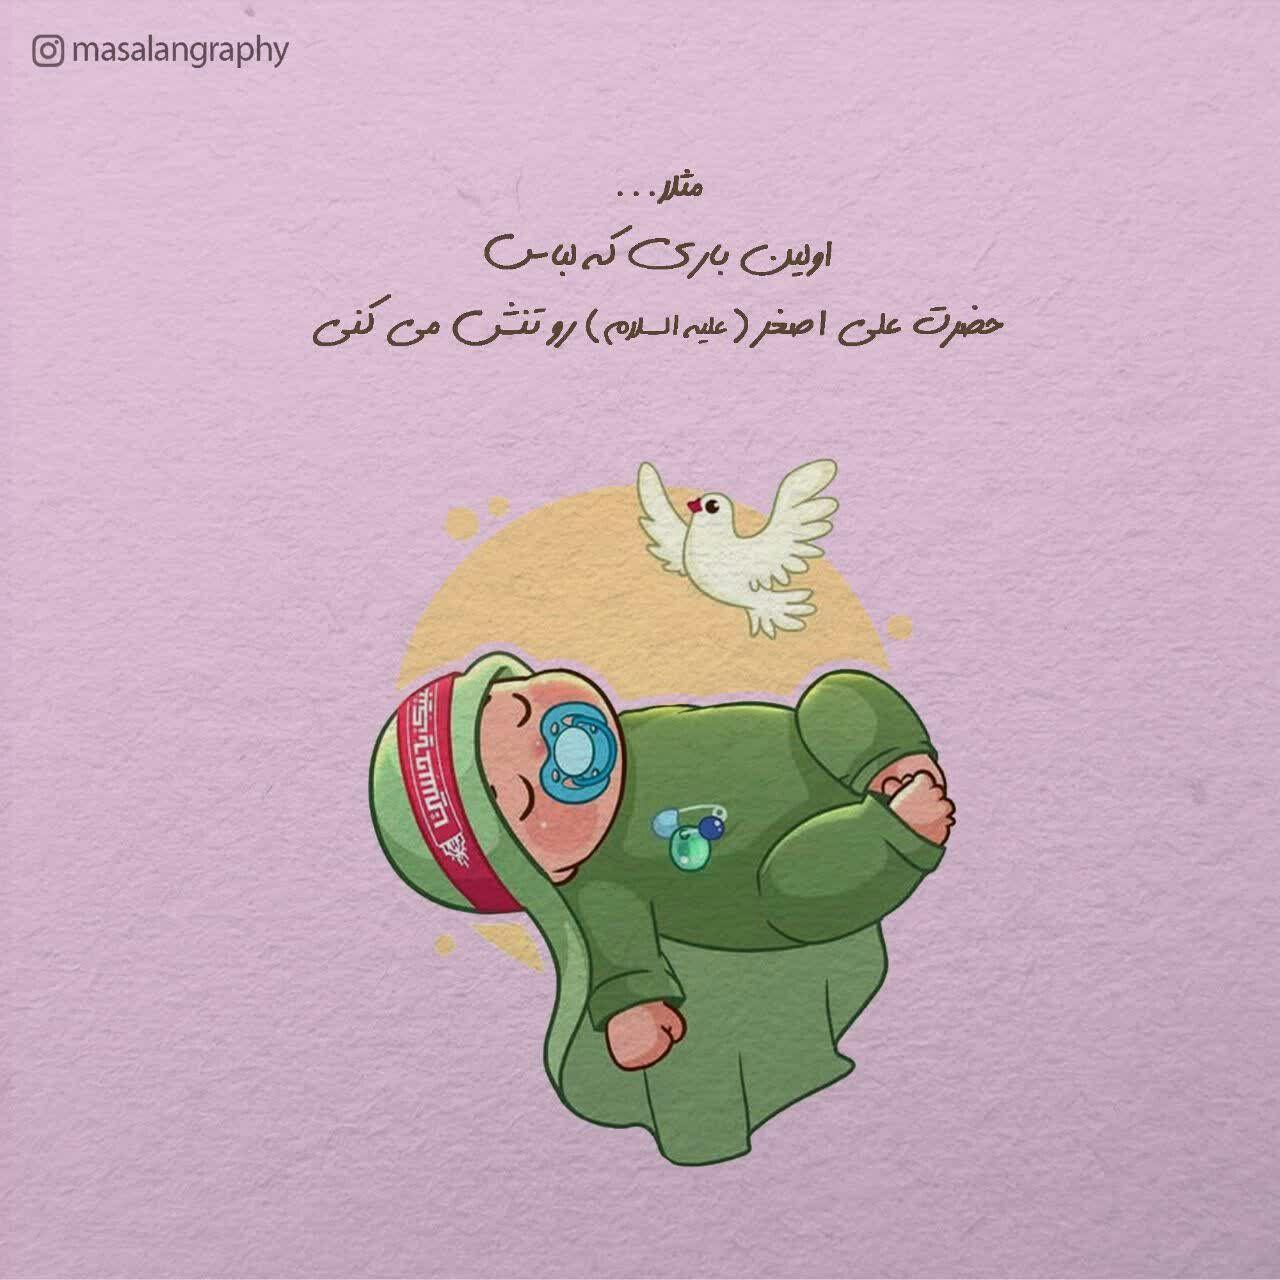 بسم الله الرحمن الرحیم امام سجاد علیه السلام در رساله حقوق خود فرموده اند و